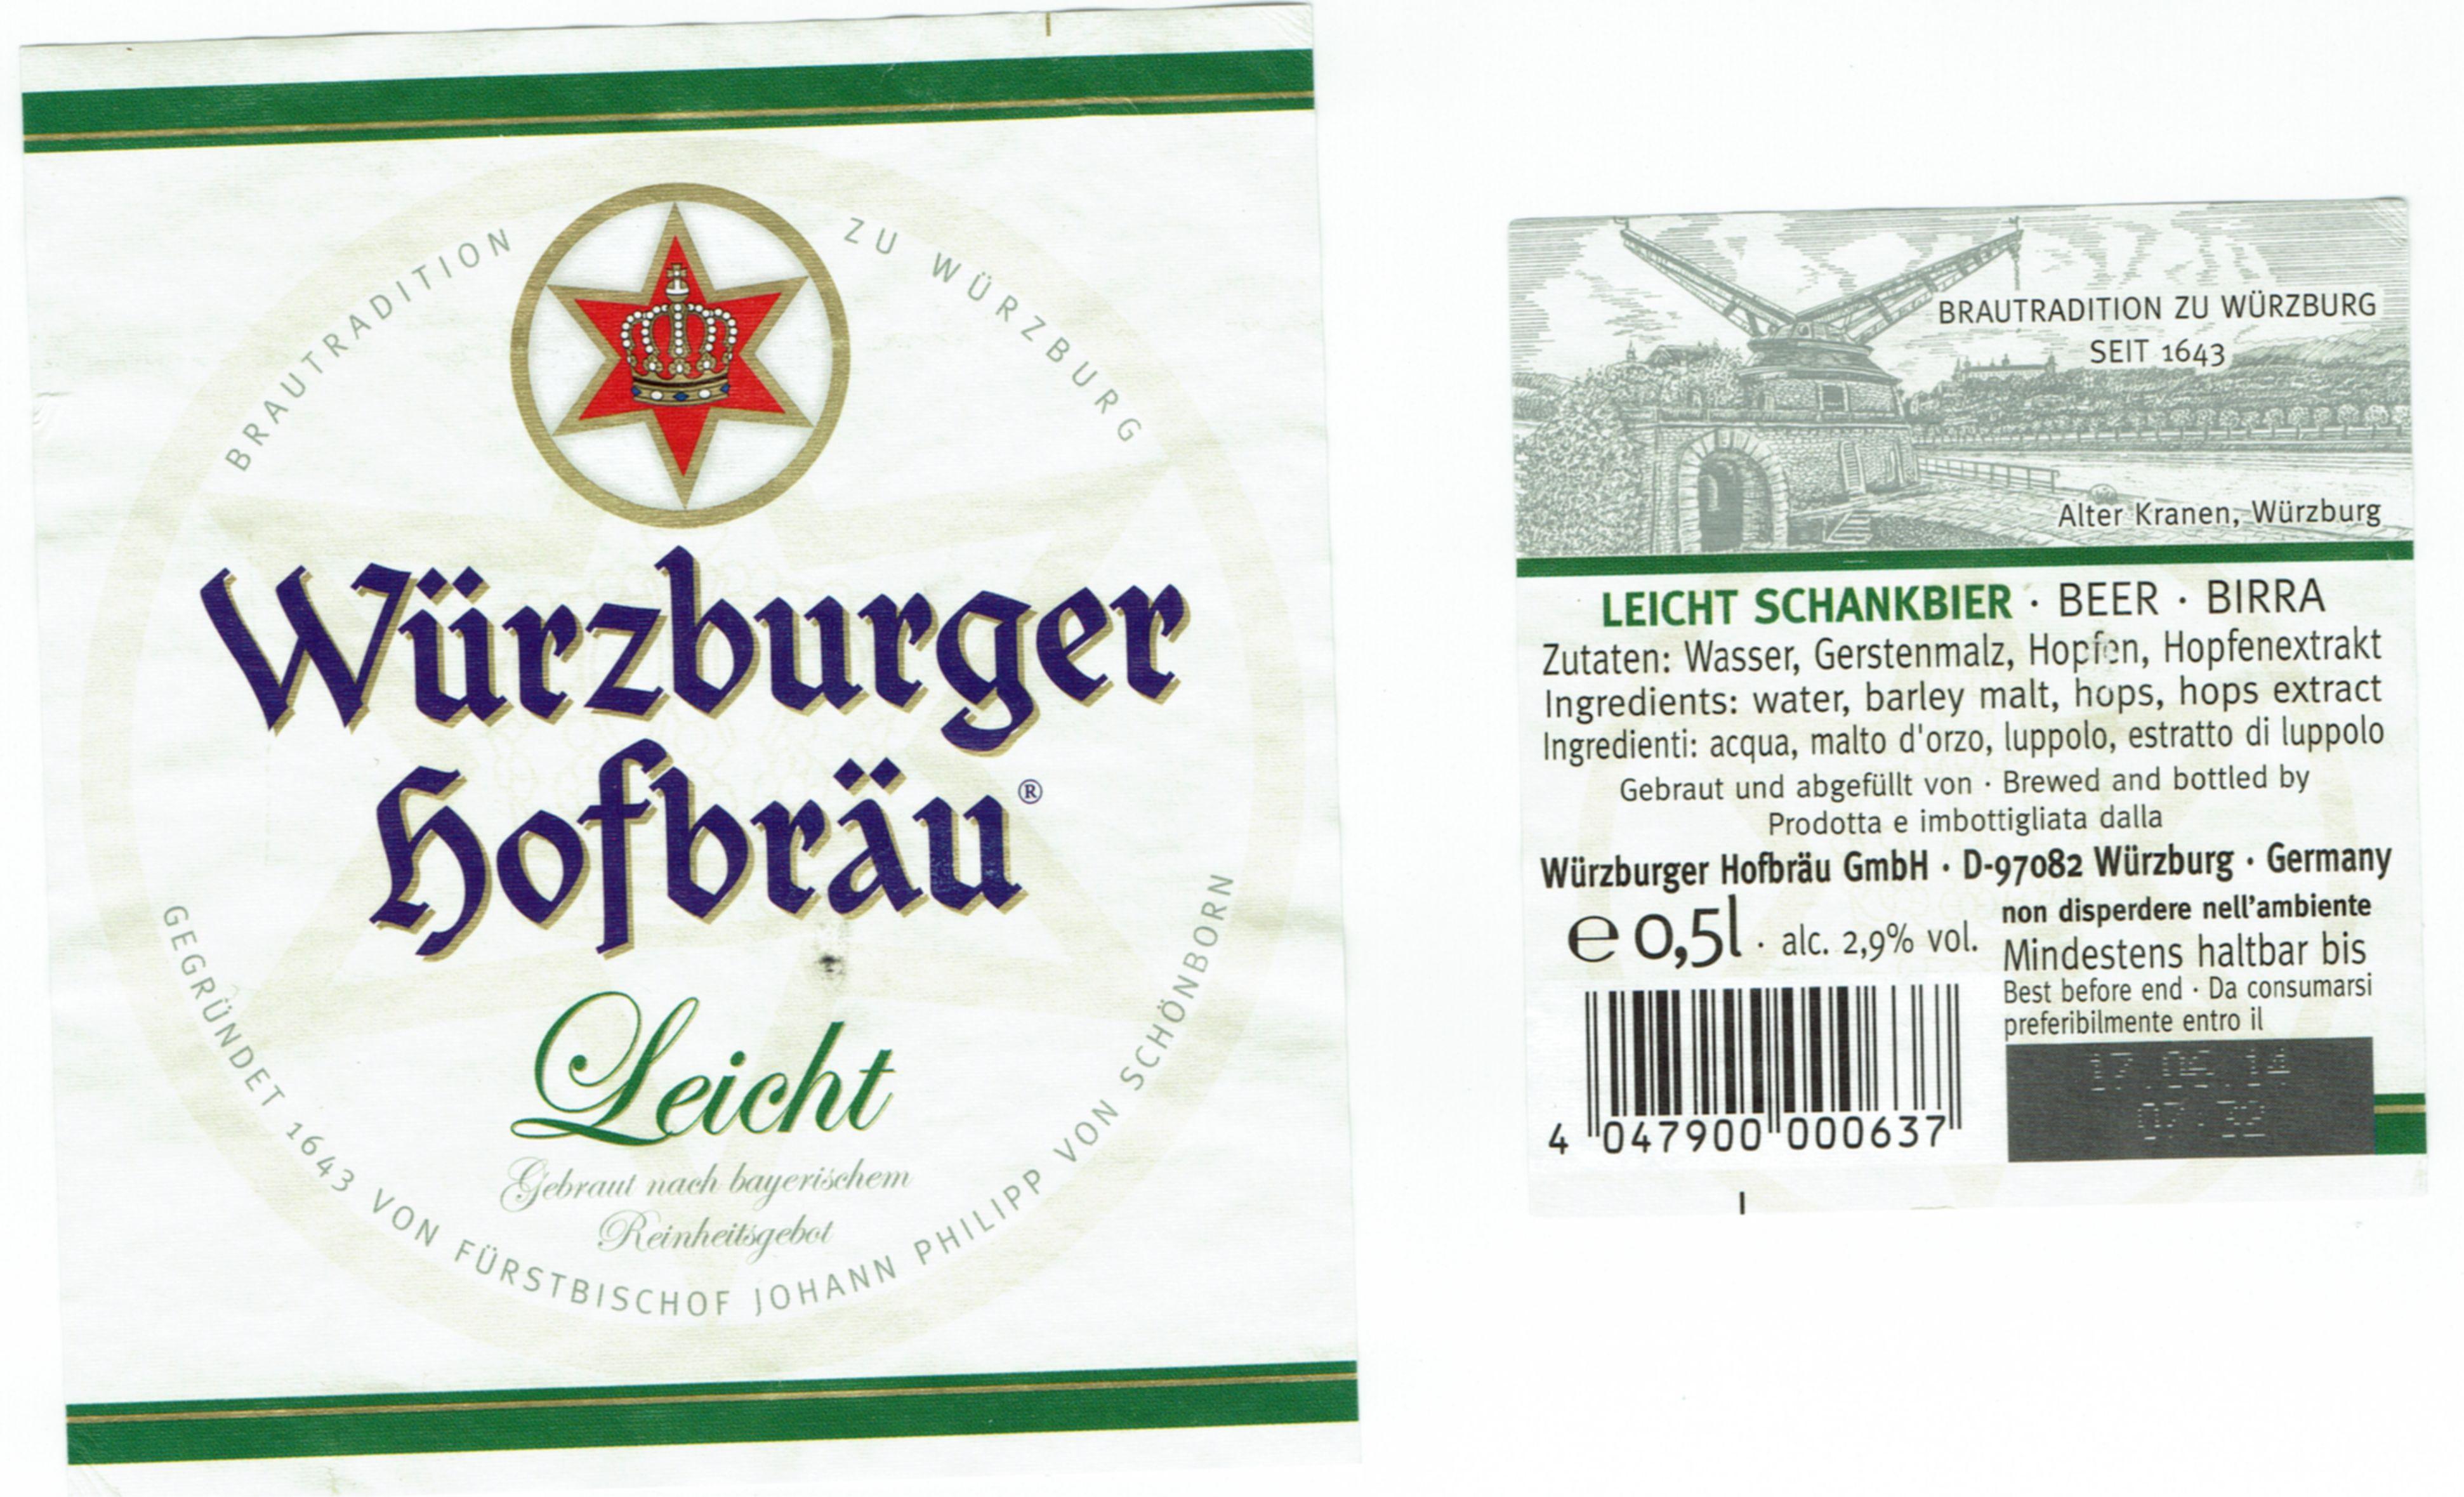 Würzburger Leicht 2